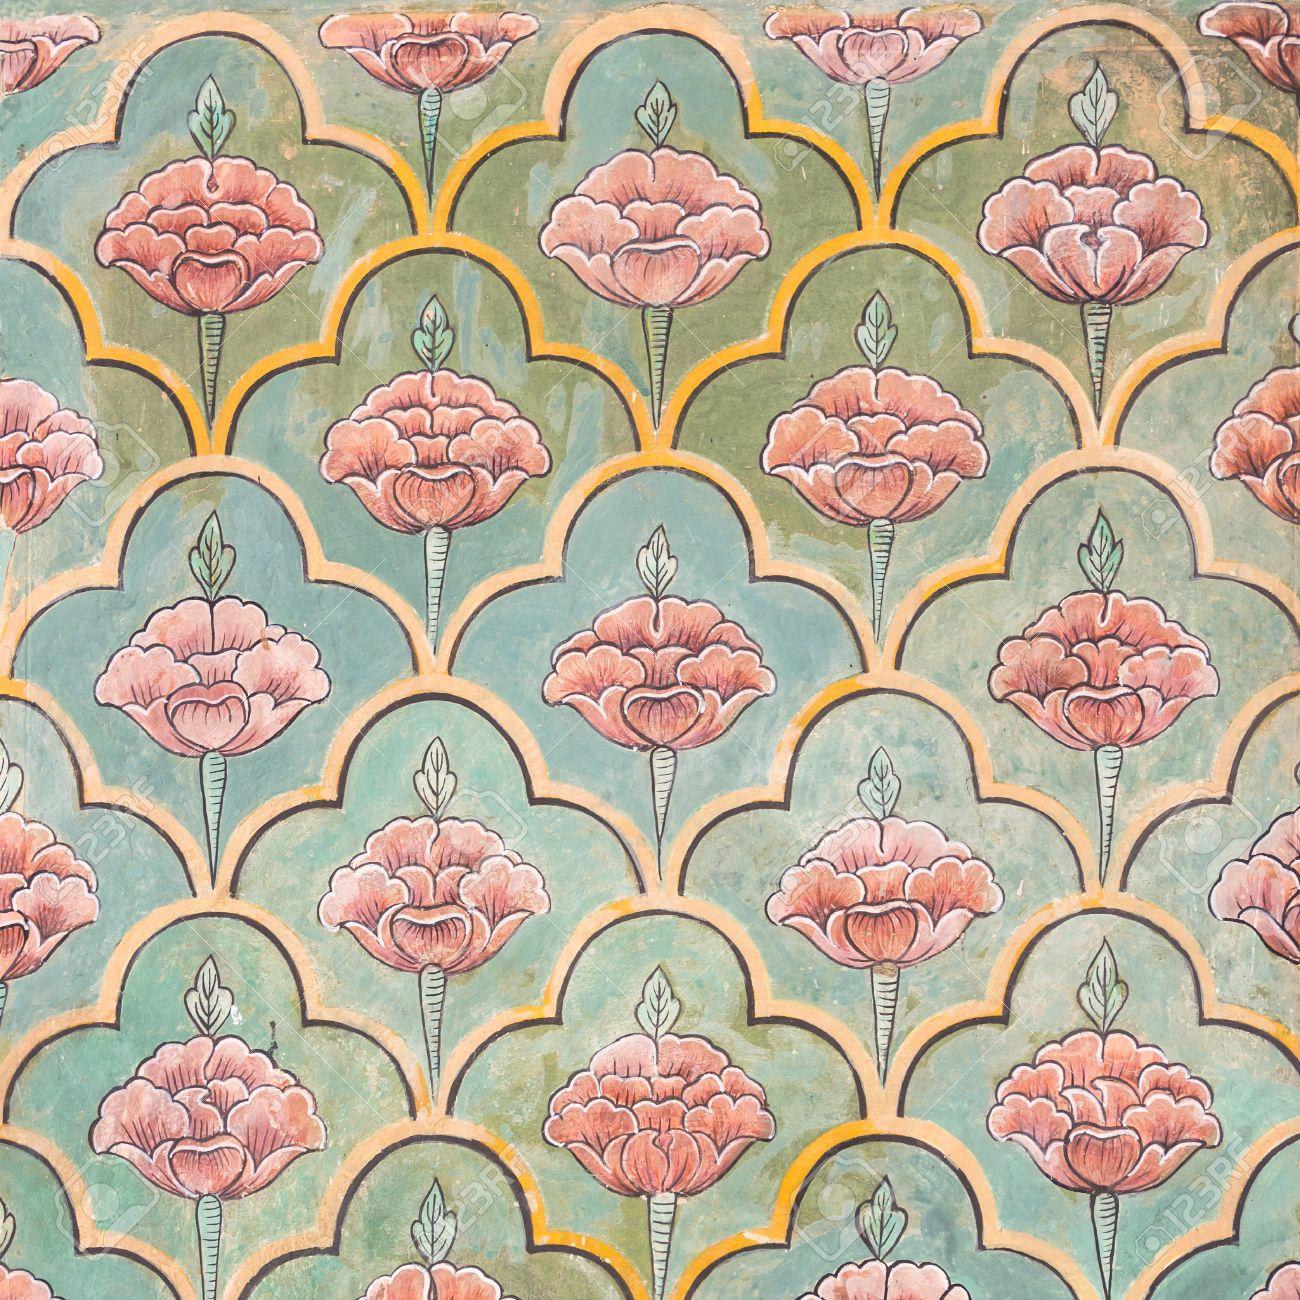 Mughal Wall Paintings At Jaipur City Palace Rajasthan India